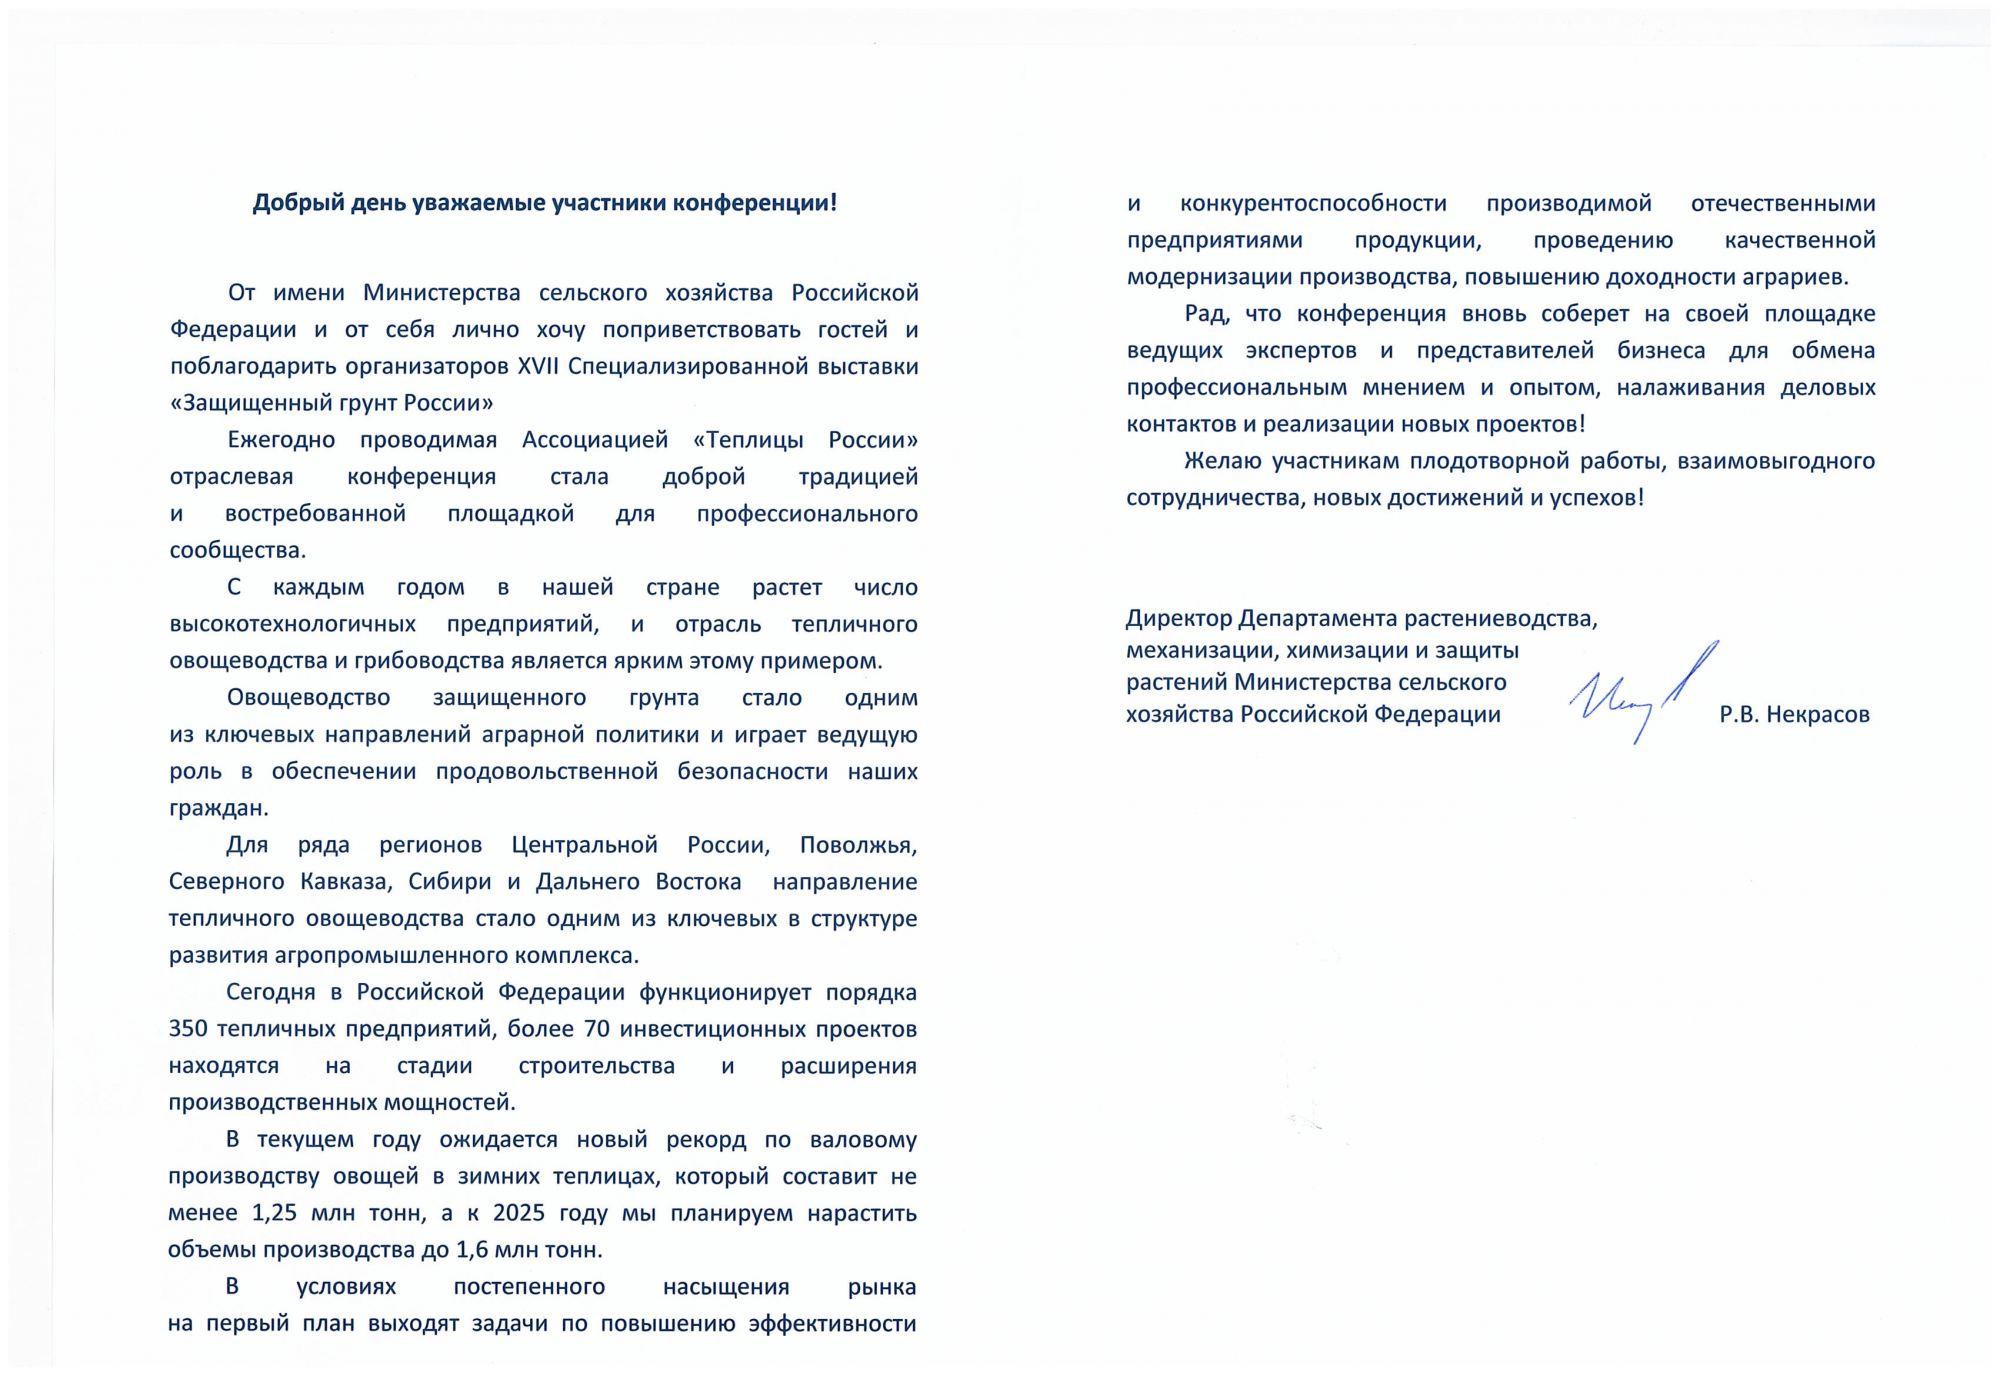 Итоги XVII специализированной выставки  «Защищенный грунт России»